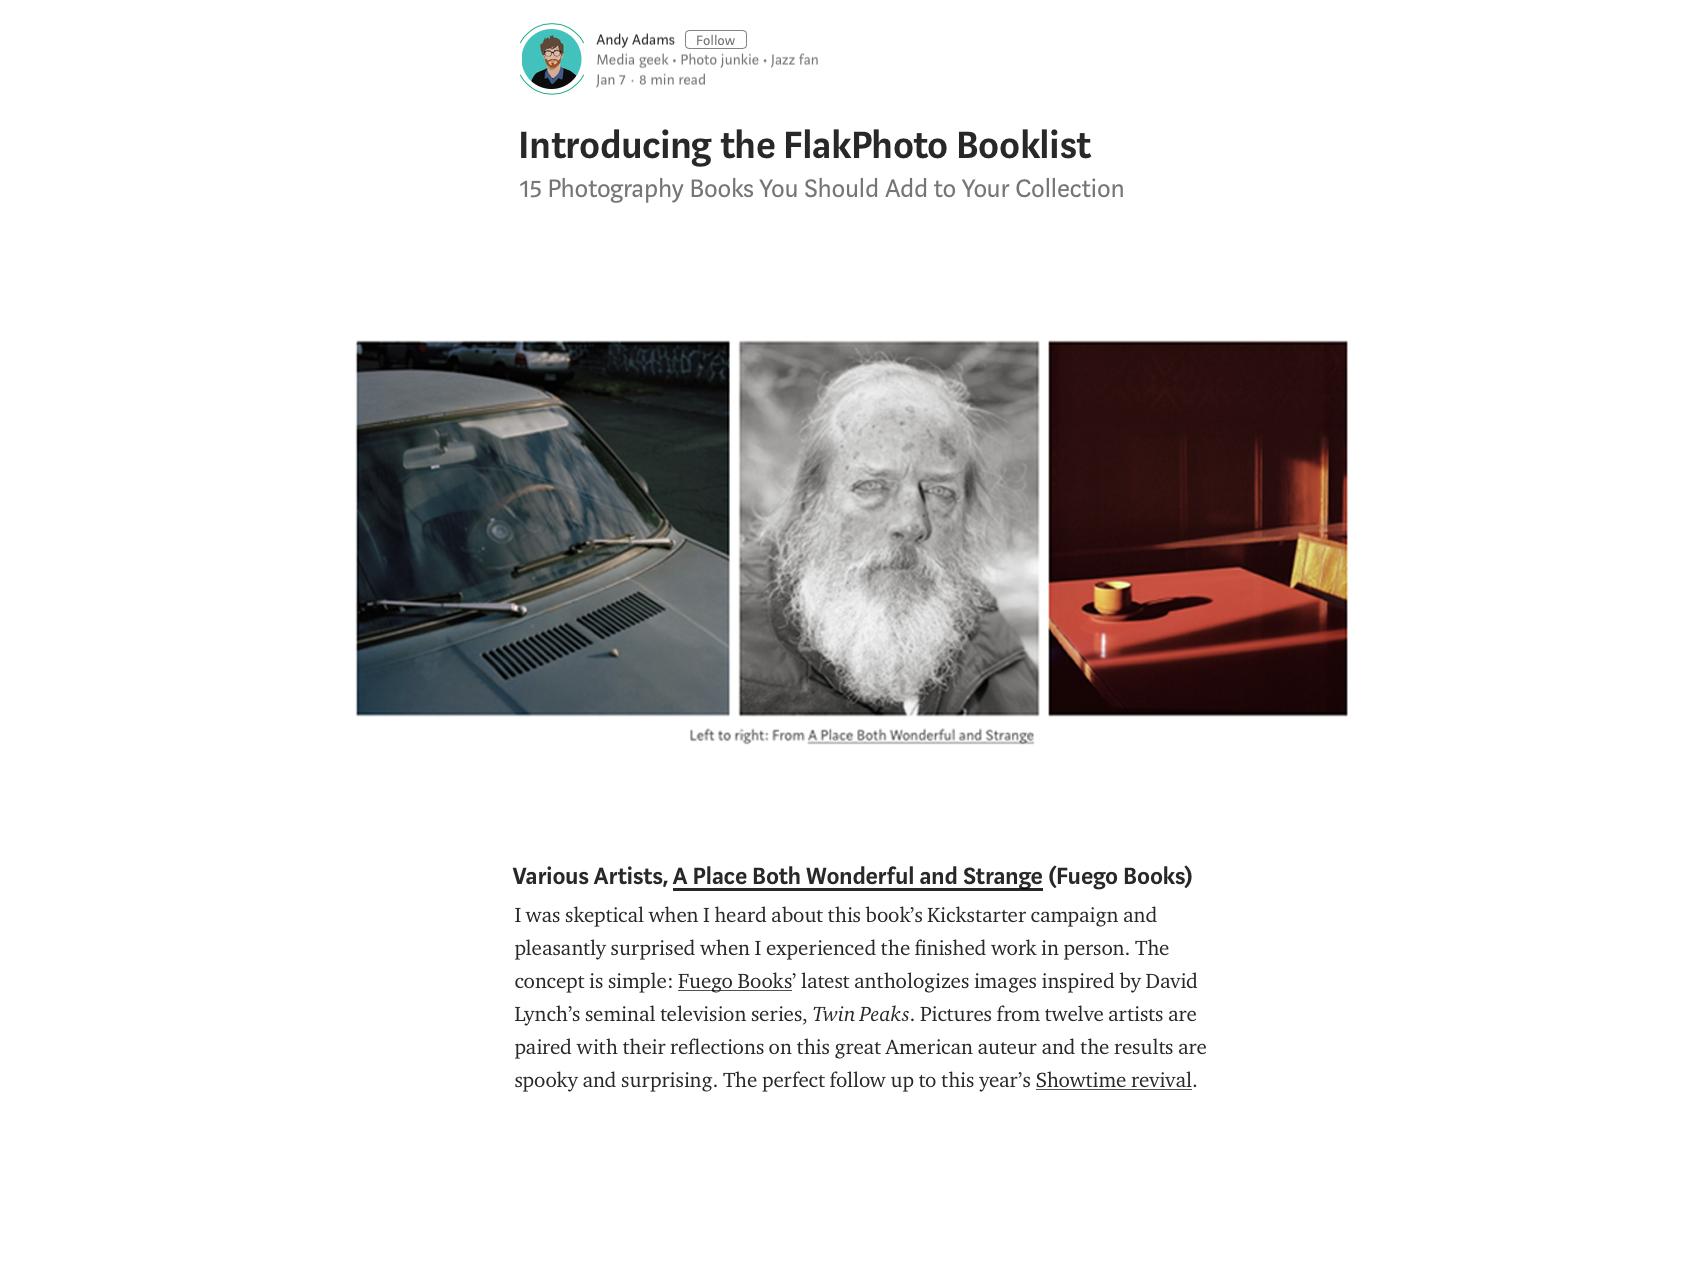 FlakPhoto booklist 2.jpg